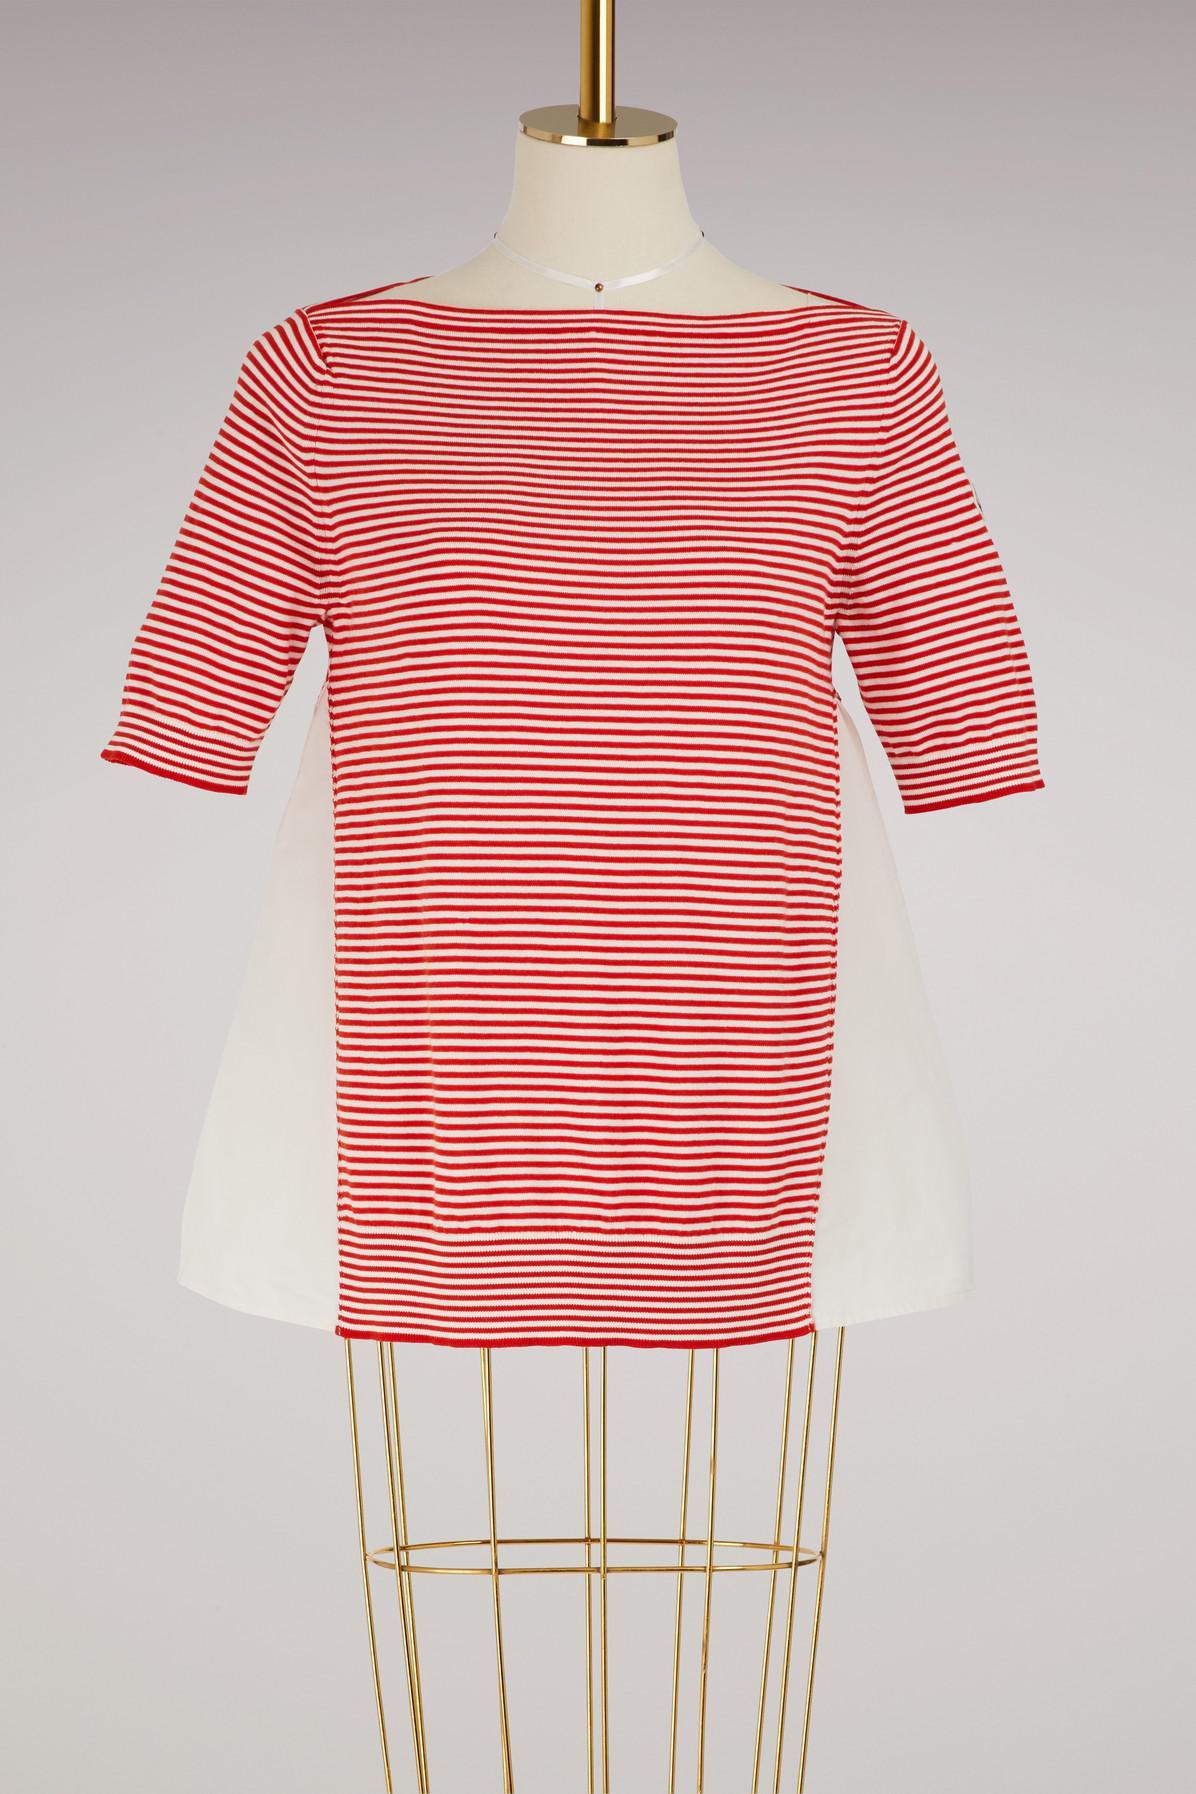 Maille Rouge T Shirt Lyst En Moncler Coloris BZTPwp